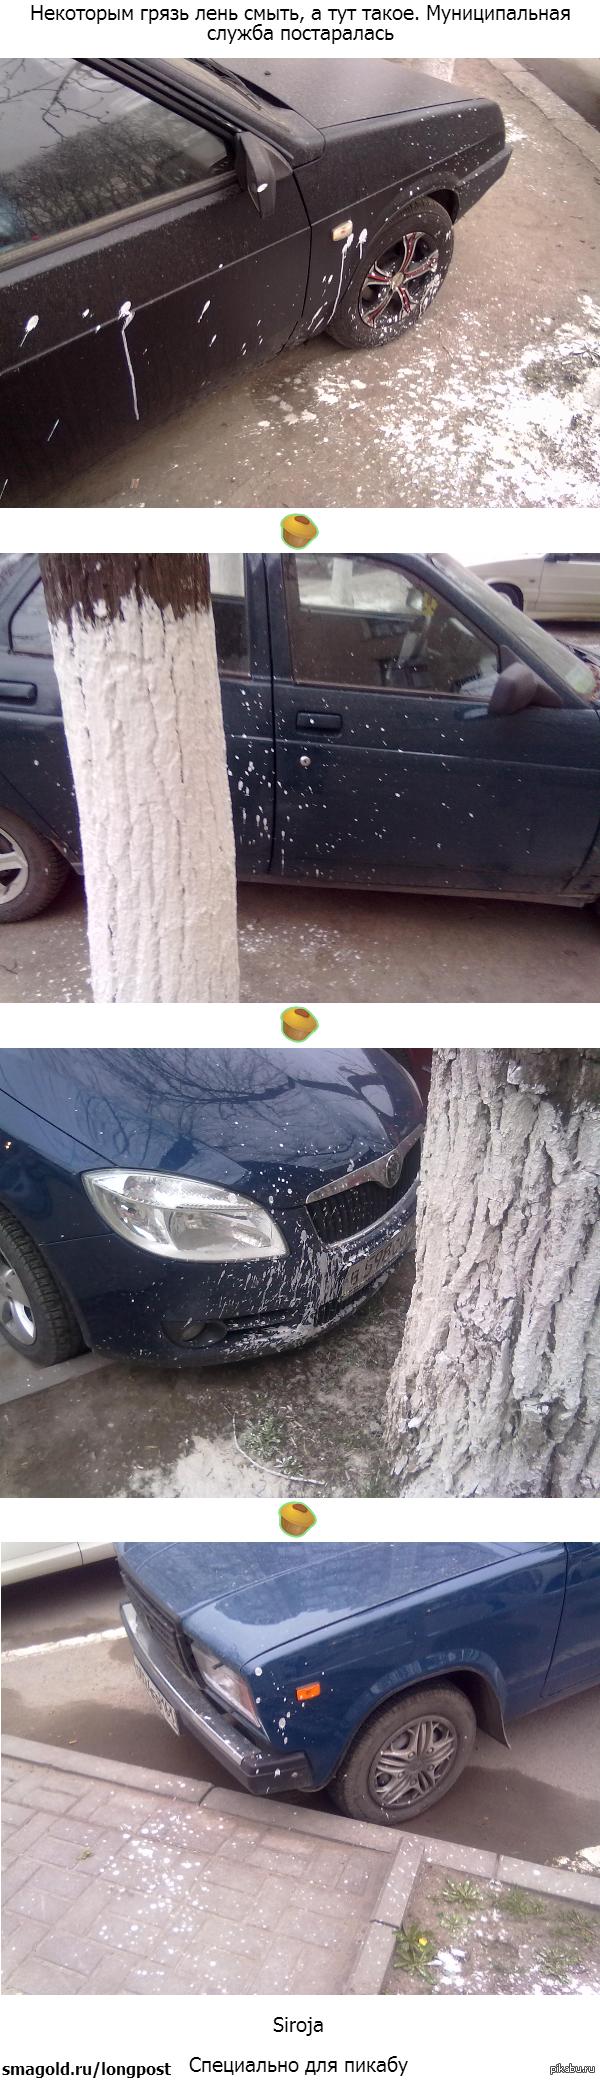 Подготовка к весне в  Ростове-на-Дону Побелили деревья от паразитов, а заодно и машины. В поддержку тега моё